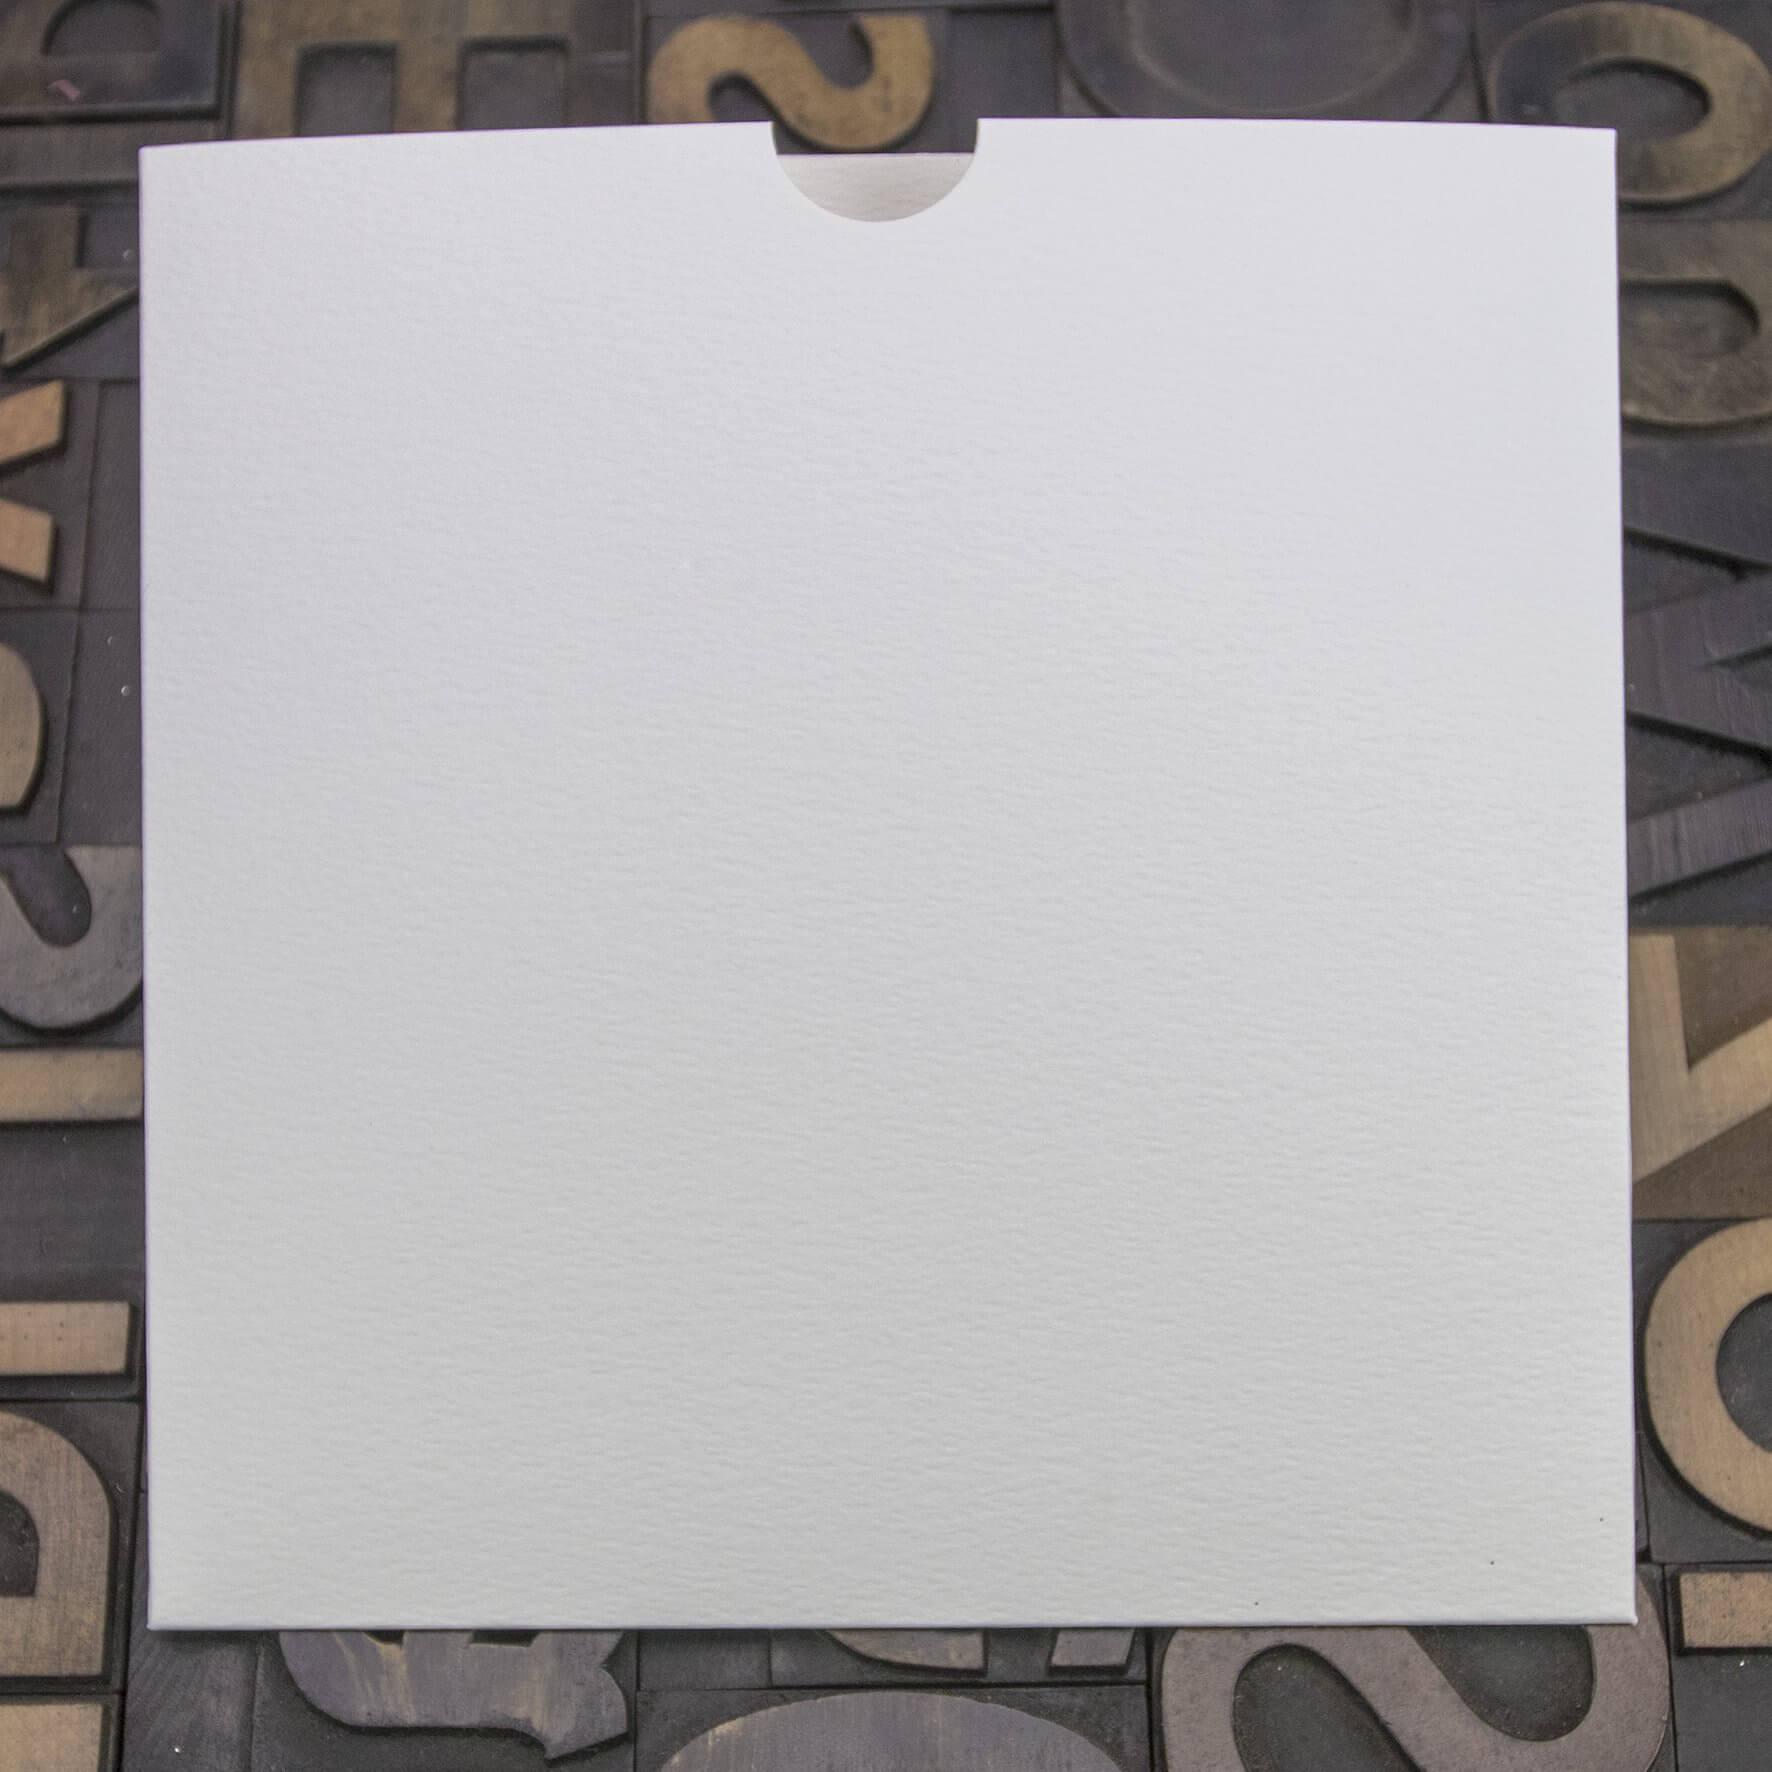 Enfolio Wallet 146mm Sq - Antique White